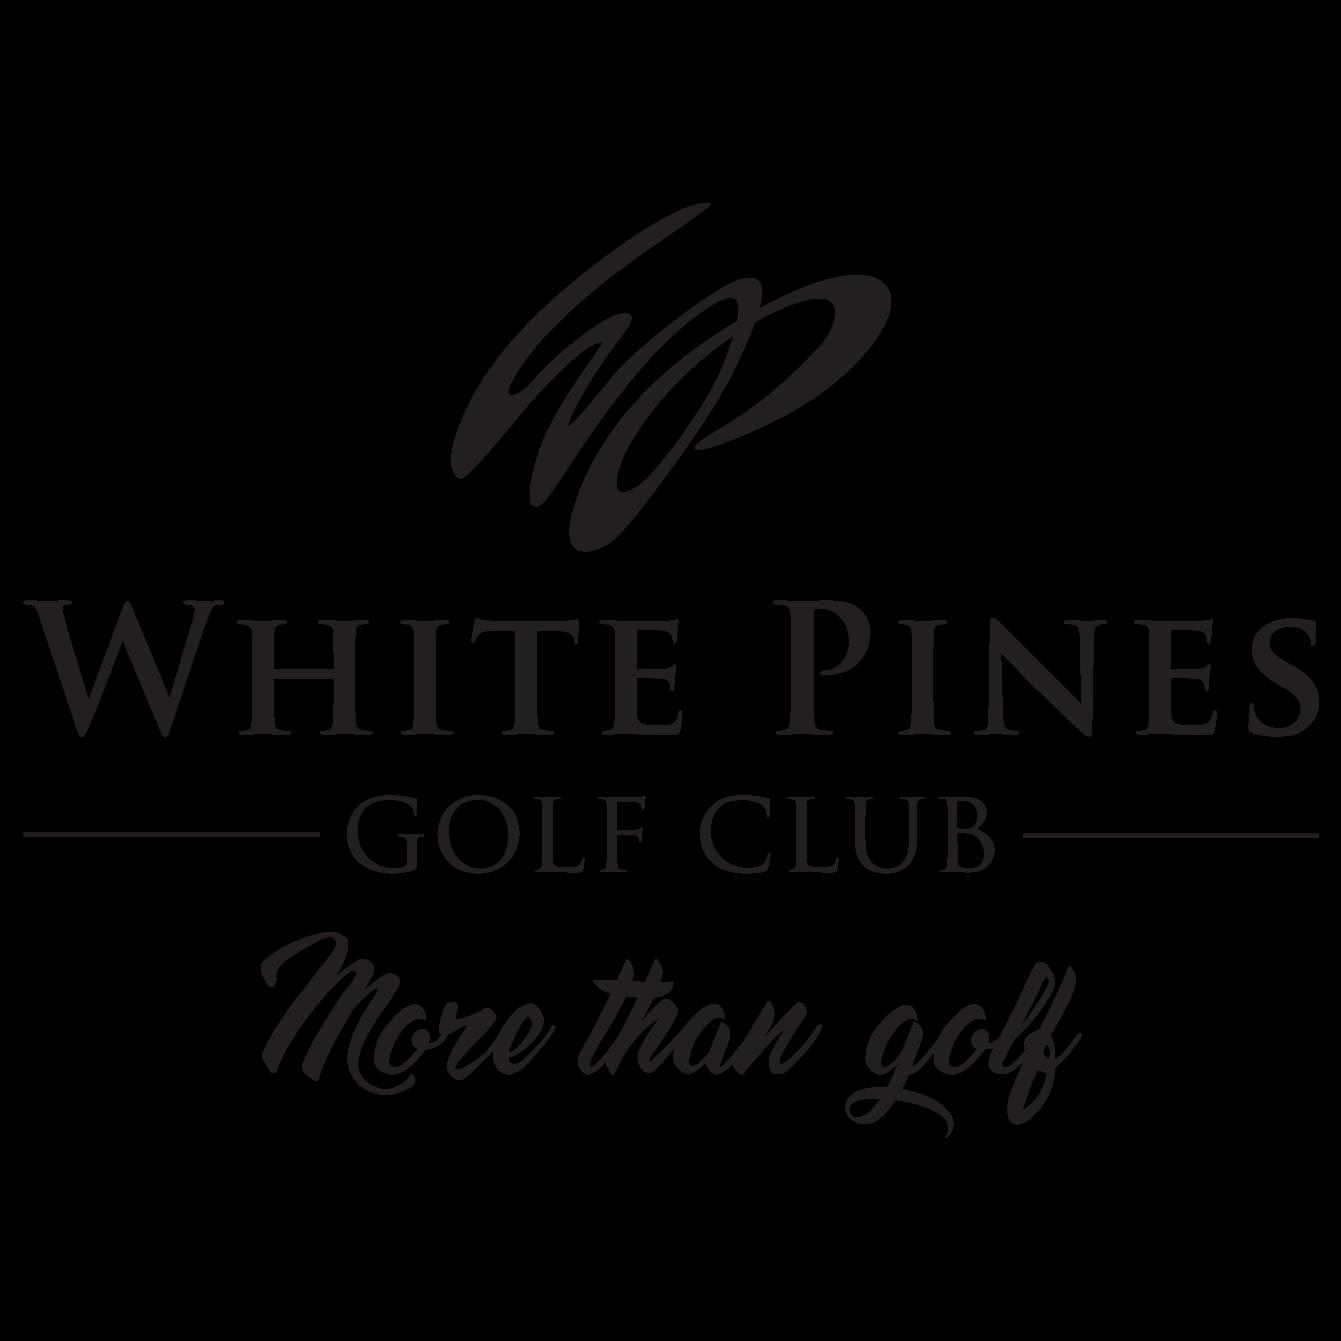 White Pines Golf Club